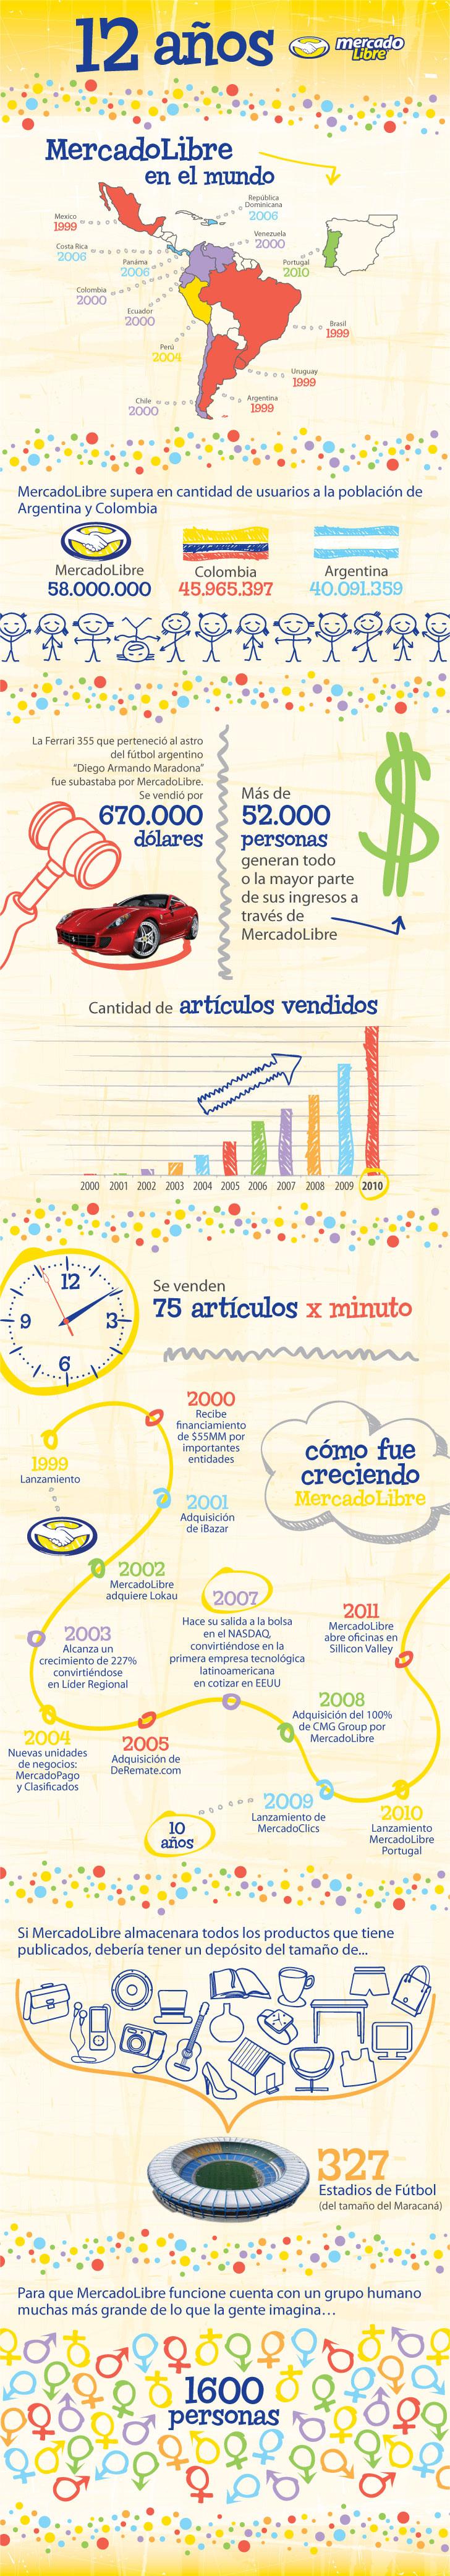 Los doce años de MercadoLibre en una infografía infografia